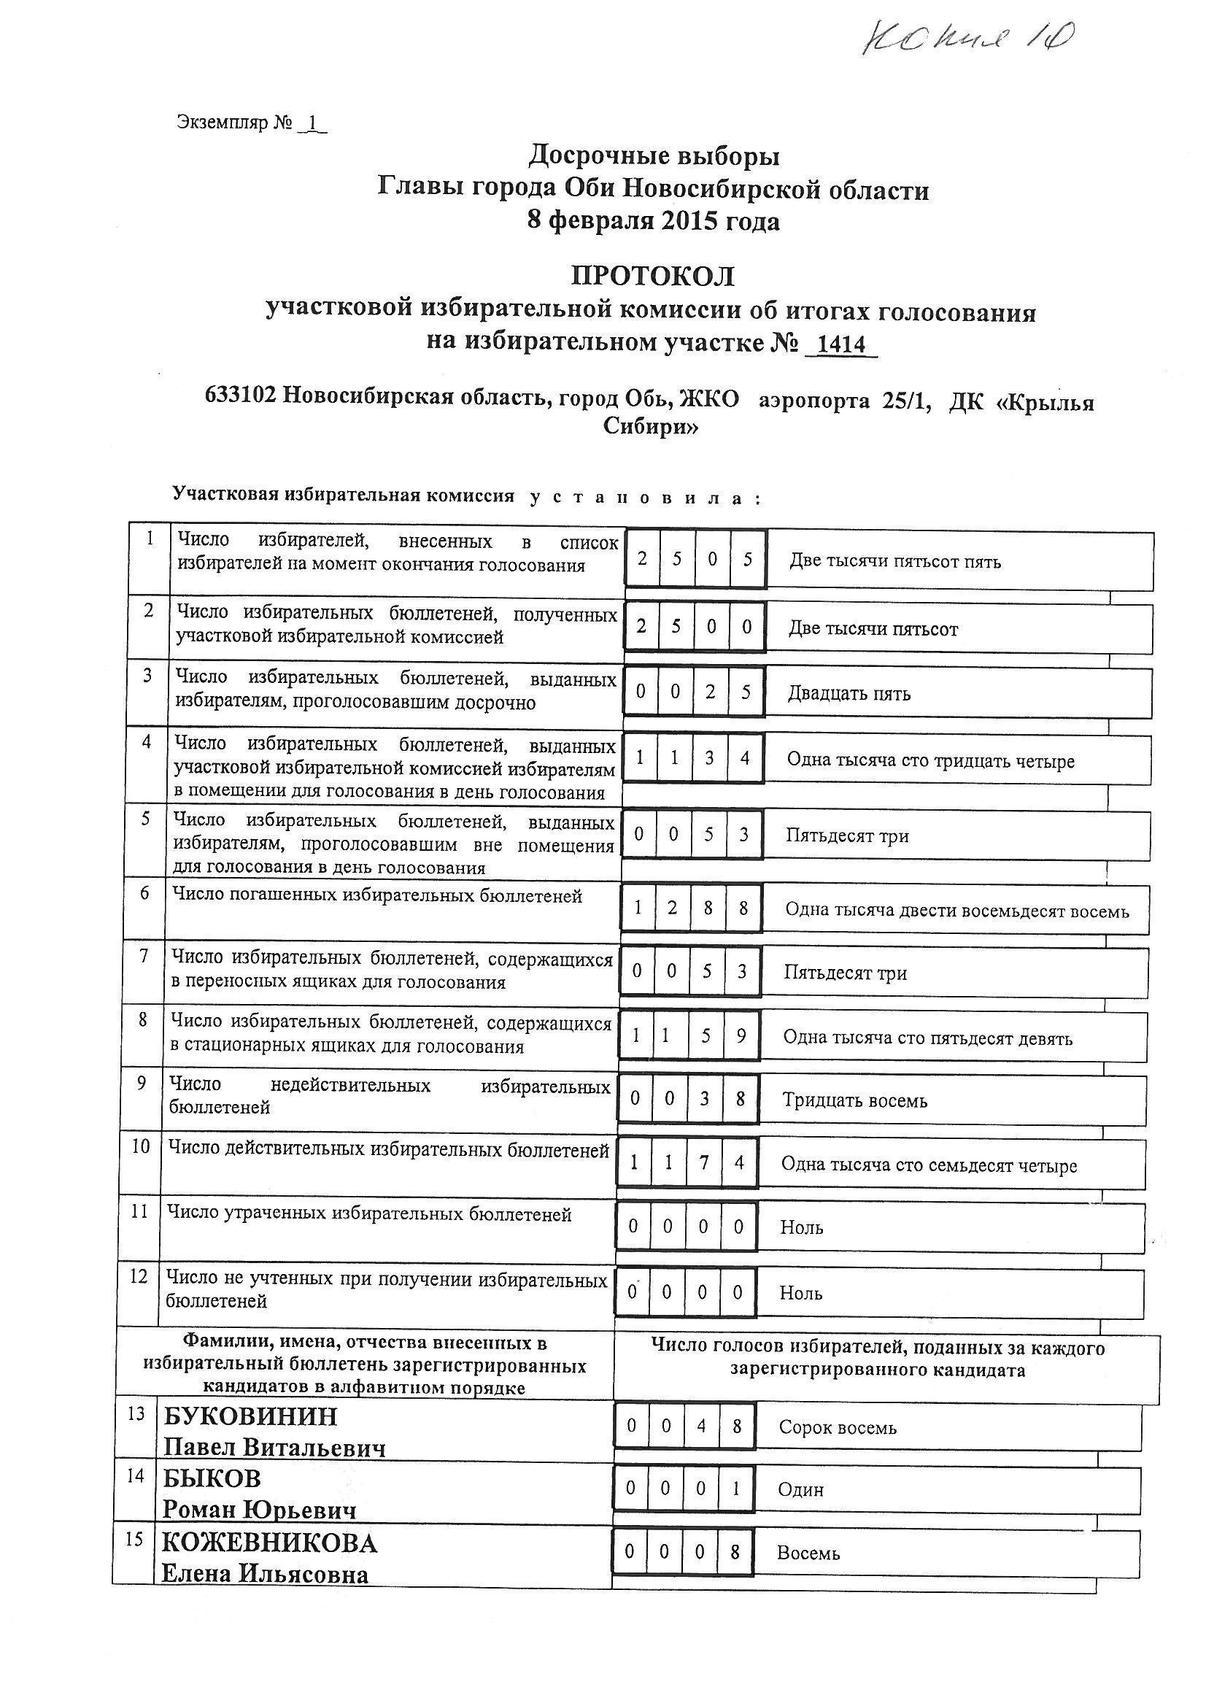 УИК №1414_1